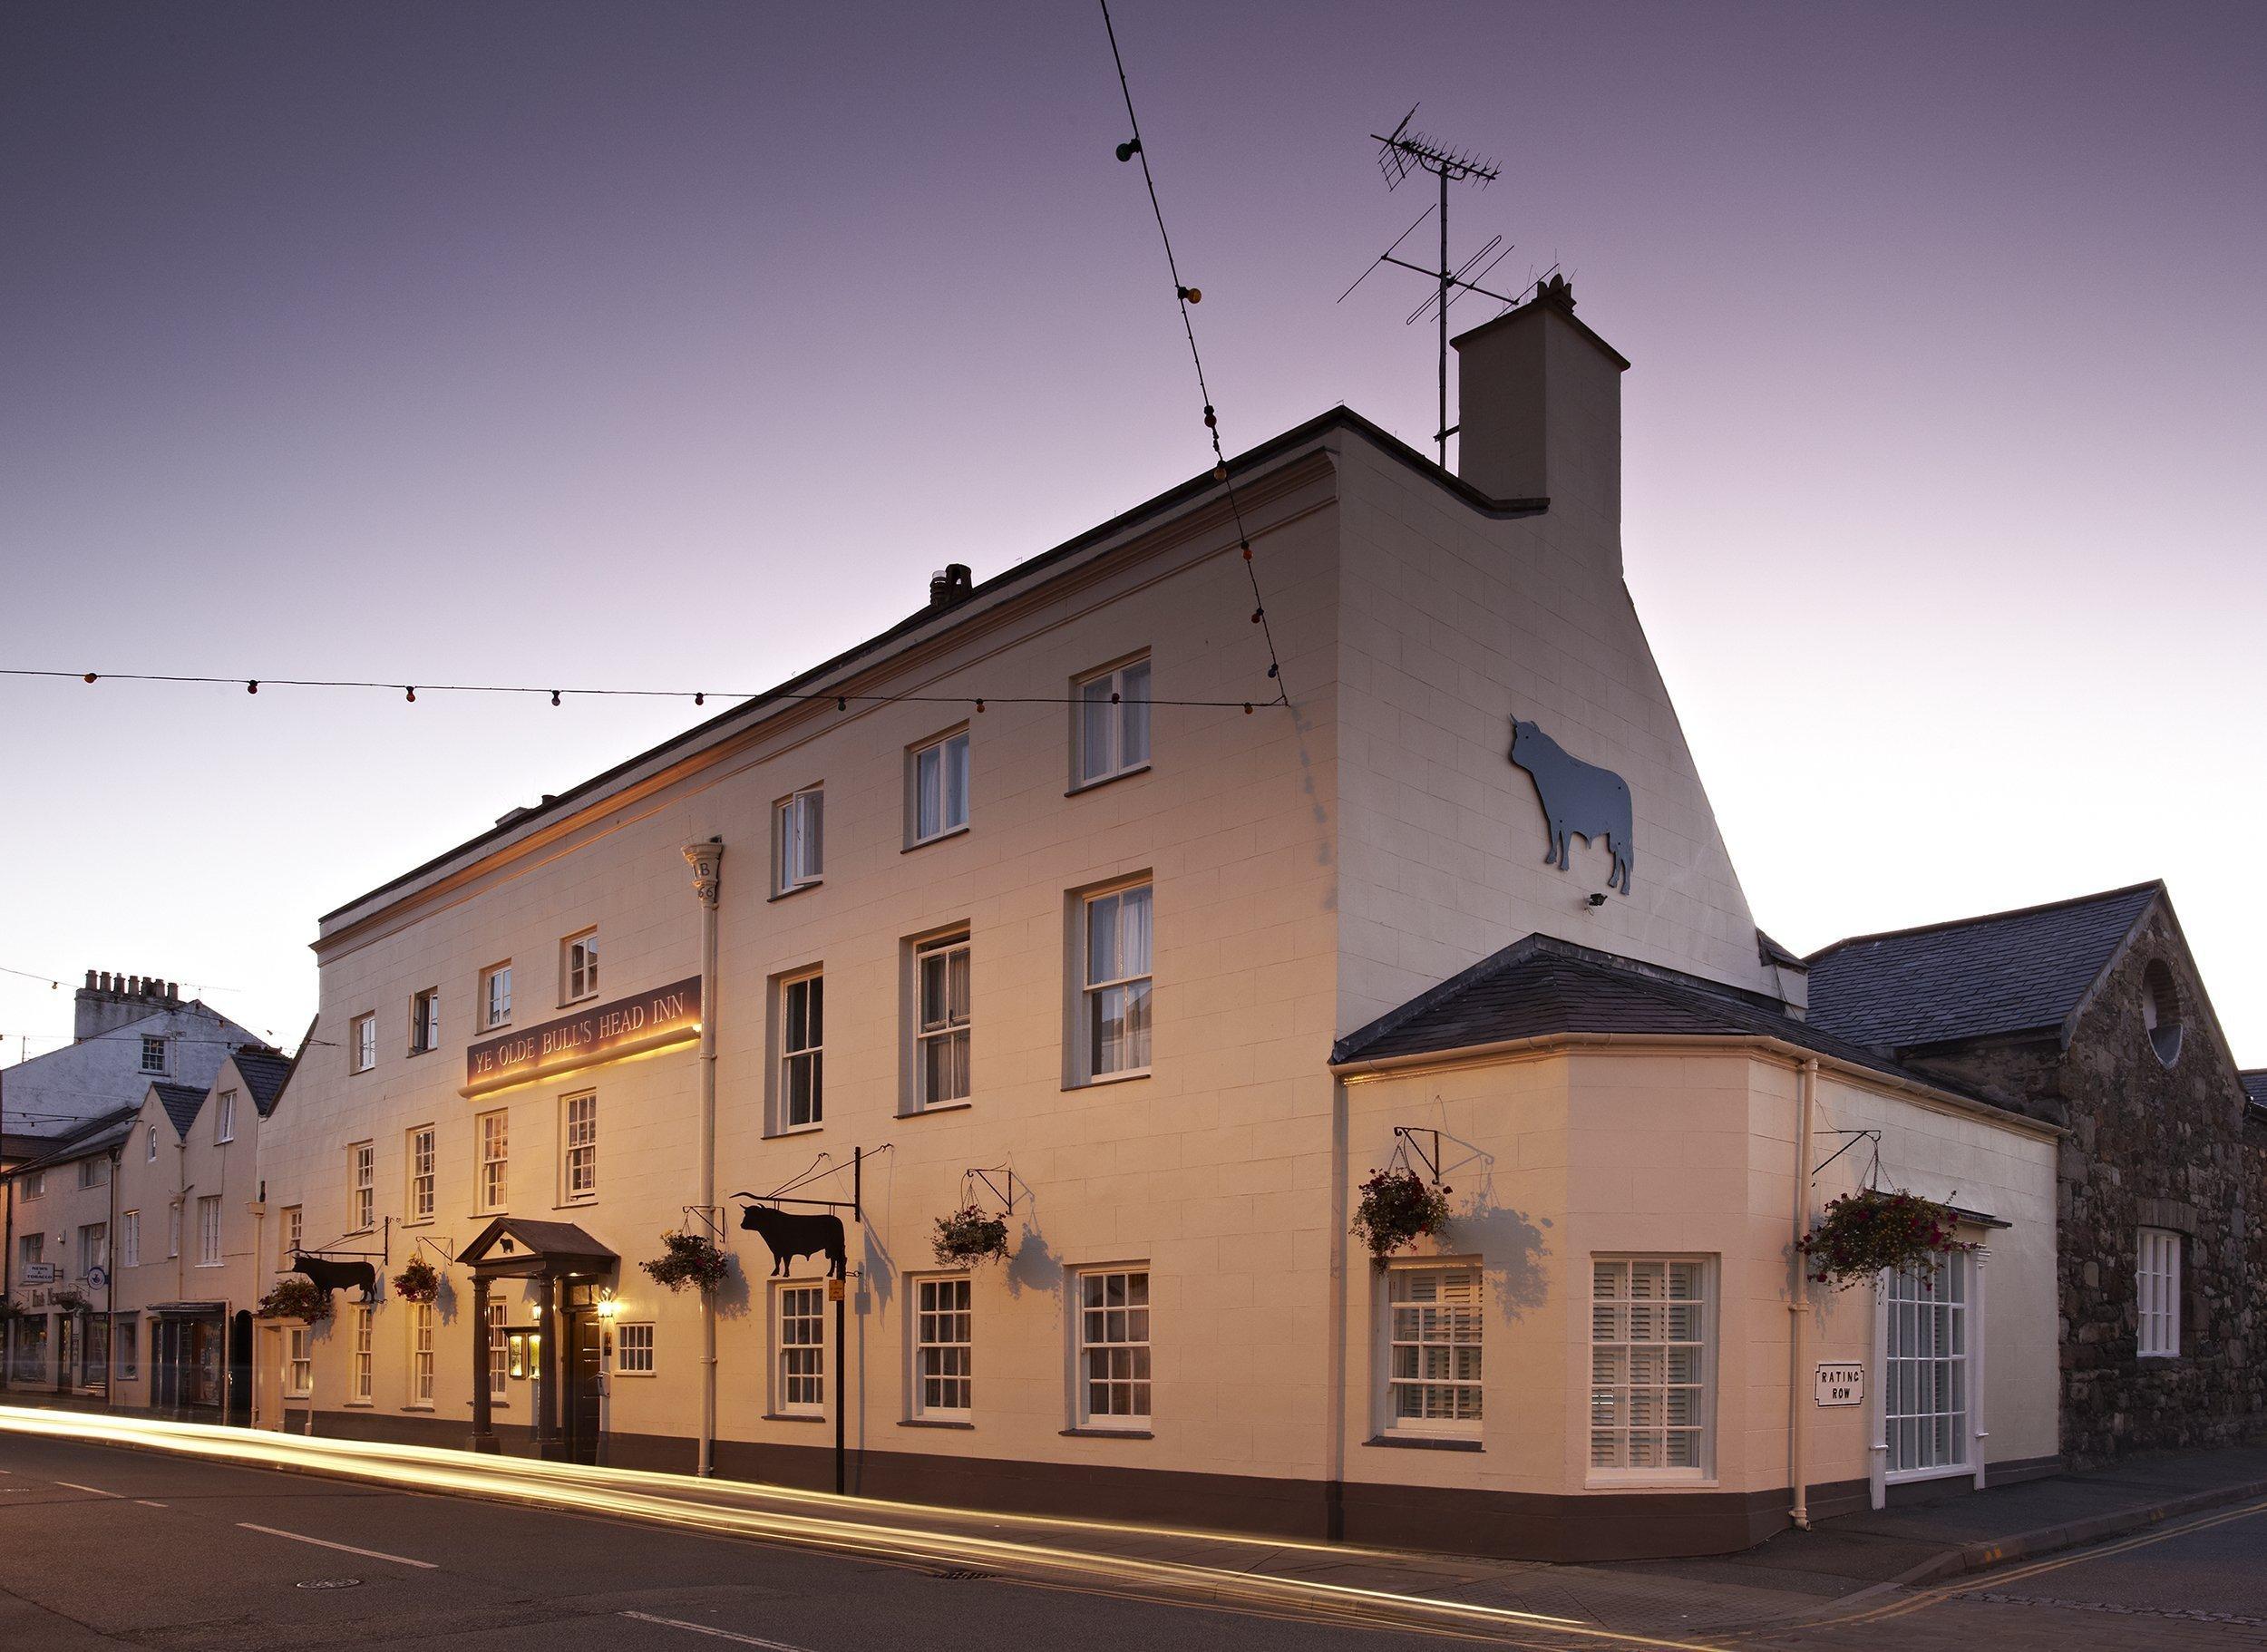 The Bull at Beaumaris